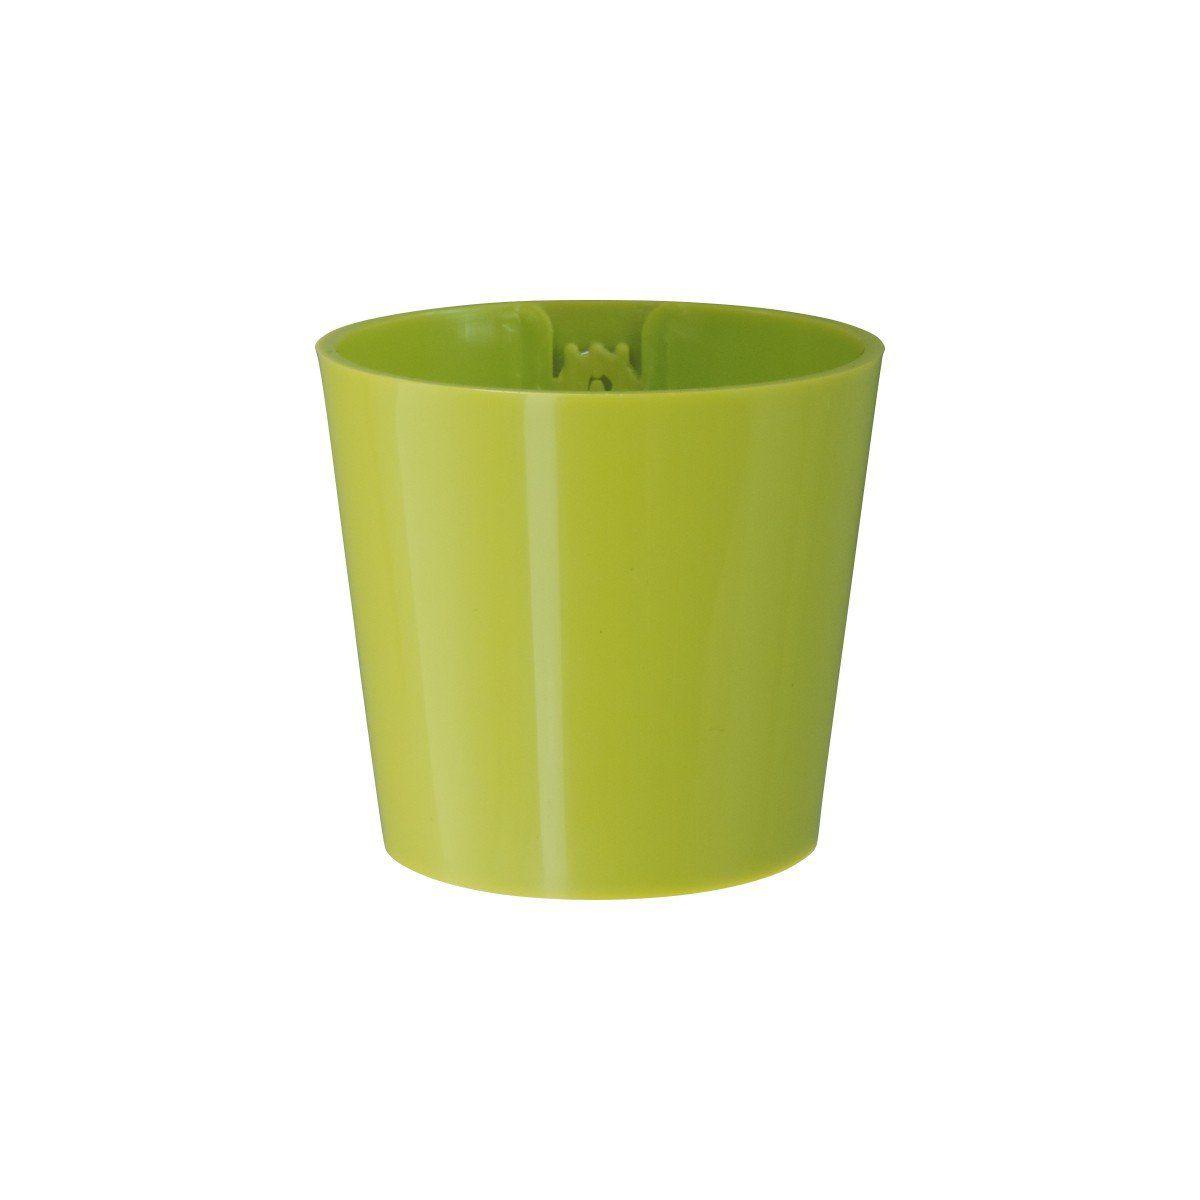 Vaso Magnético de Plástico Verde Limão 5cm x 6cm